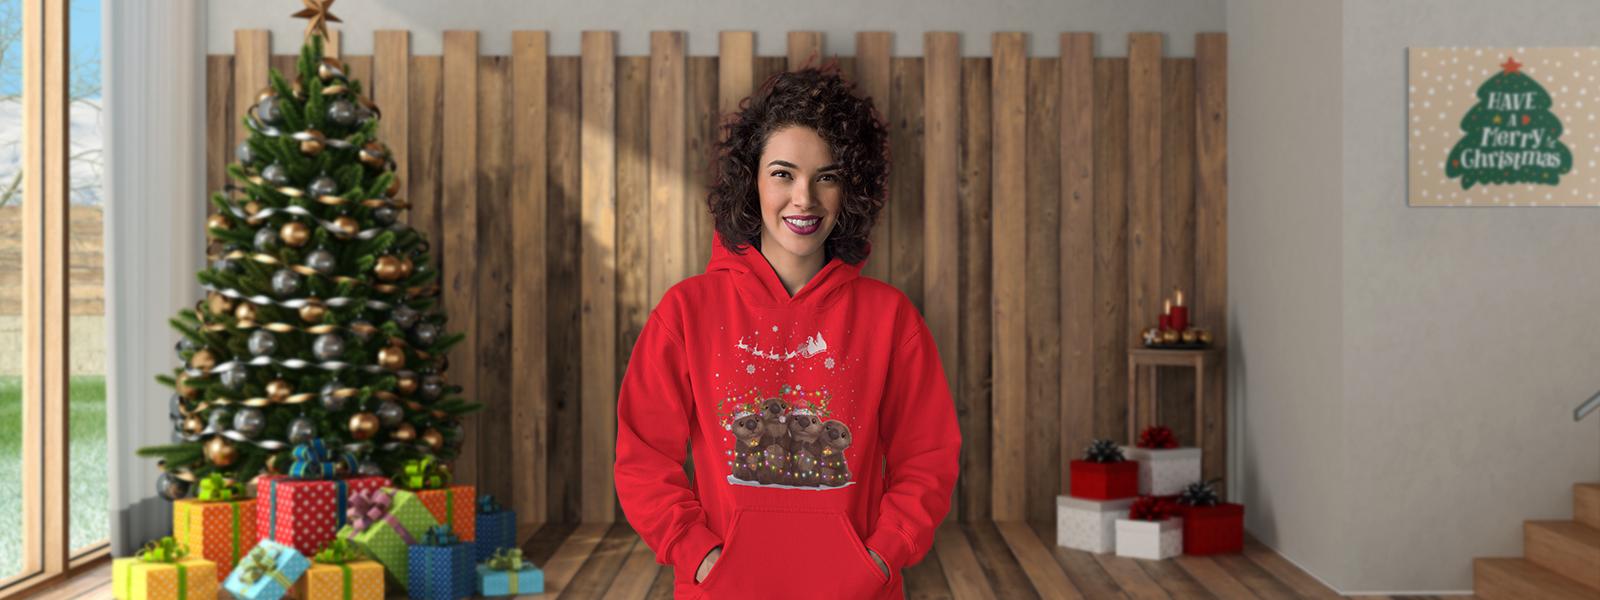 Cute Christmas Animal Shirts and Apparel